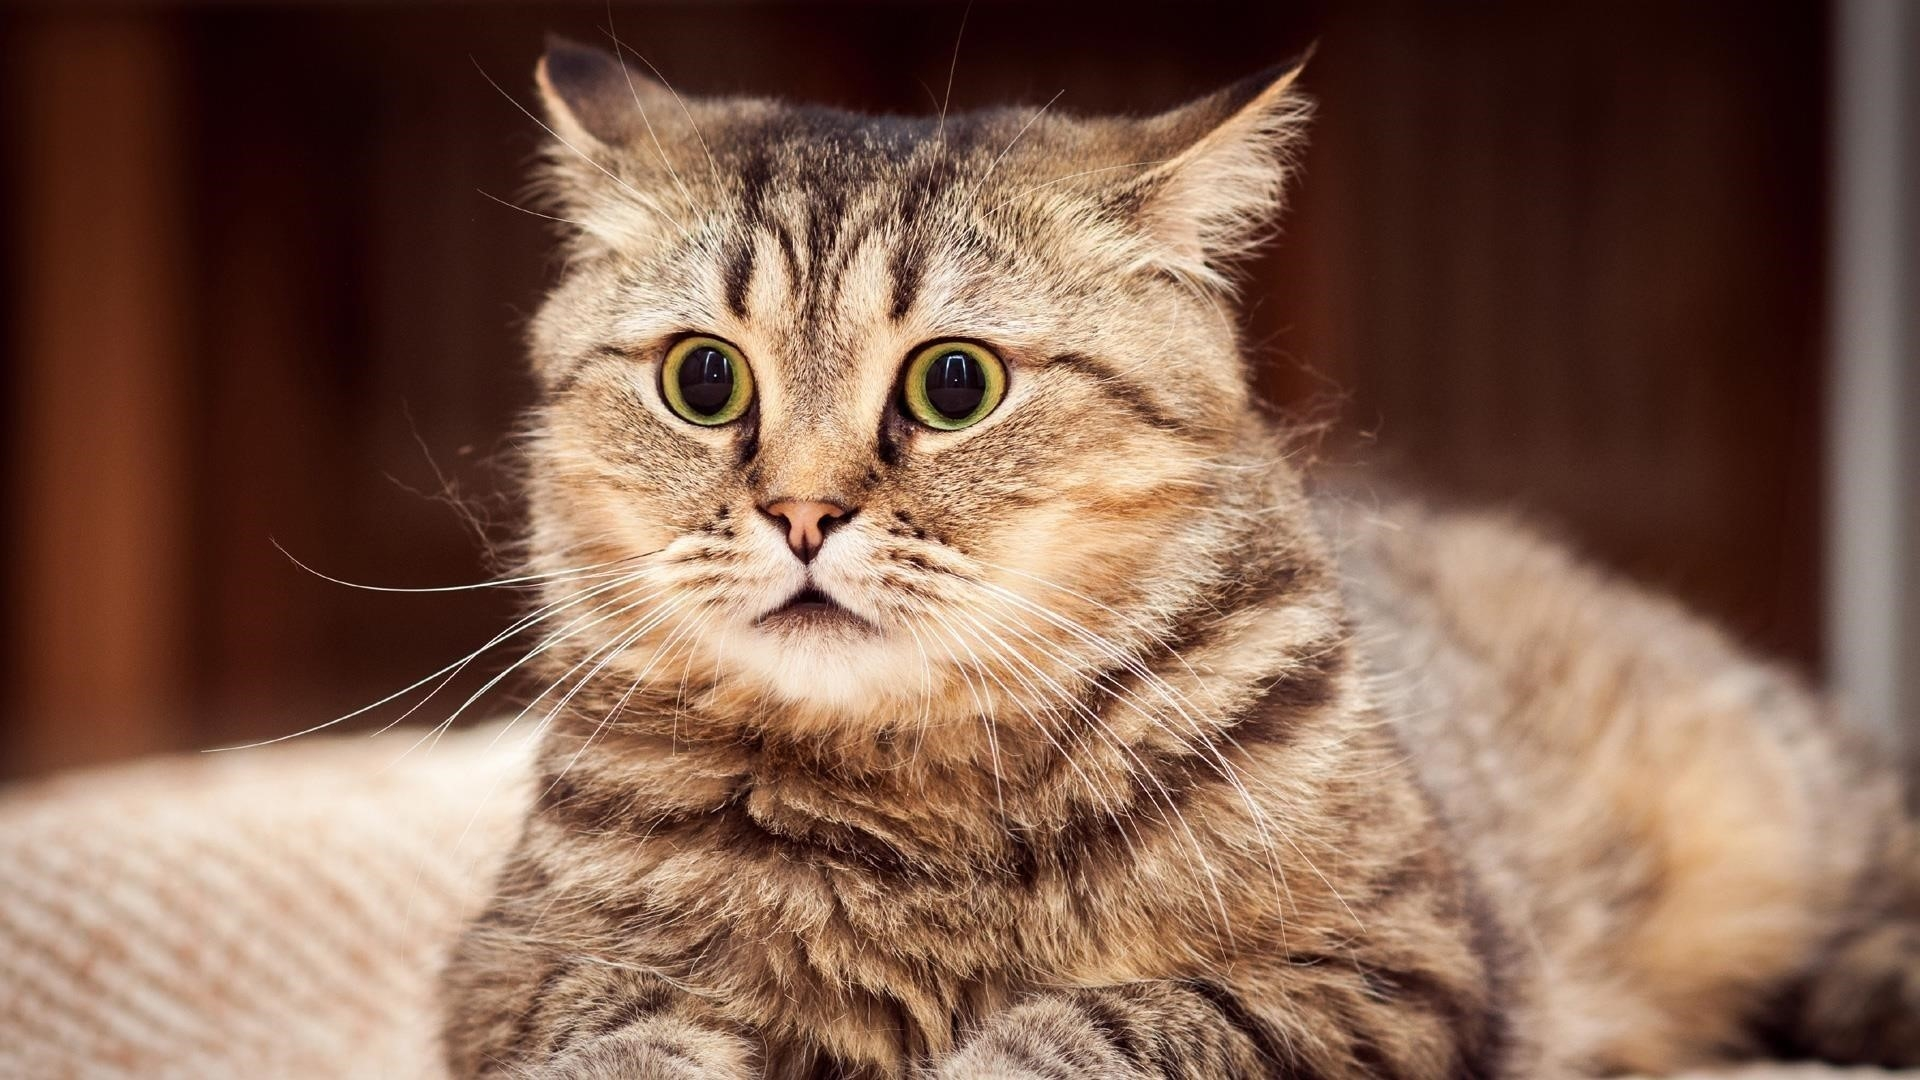 Желтые черные глаза карие черные усы кошка на размытом фоне милая кошка обои скачать